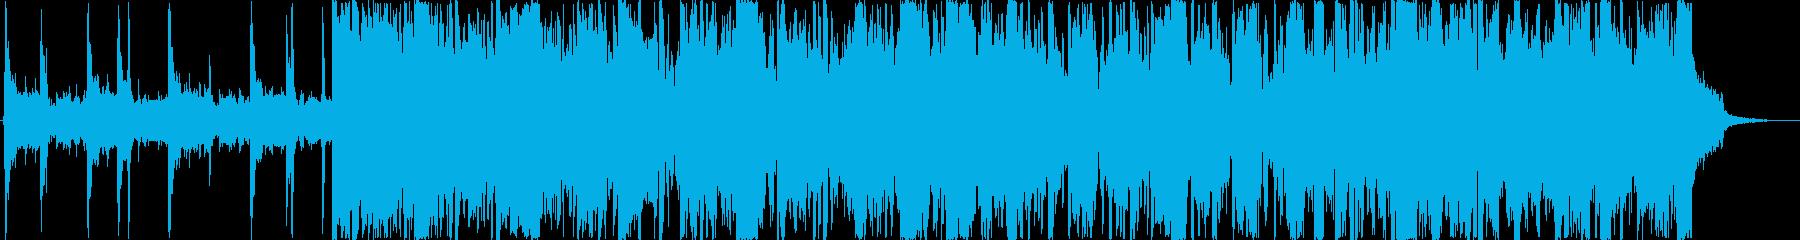 映像に最適なバイオリン曲の再生済みの波形